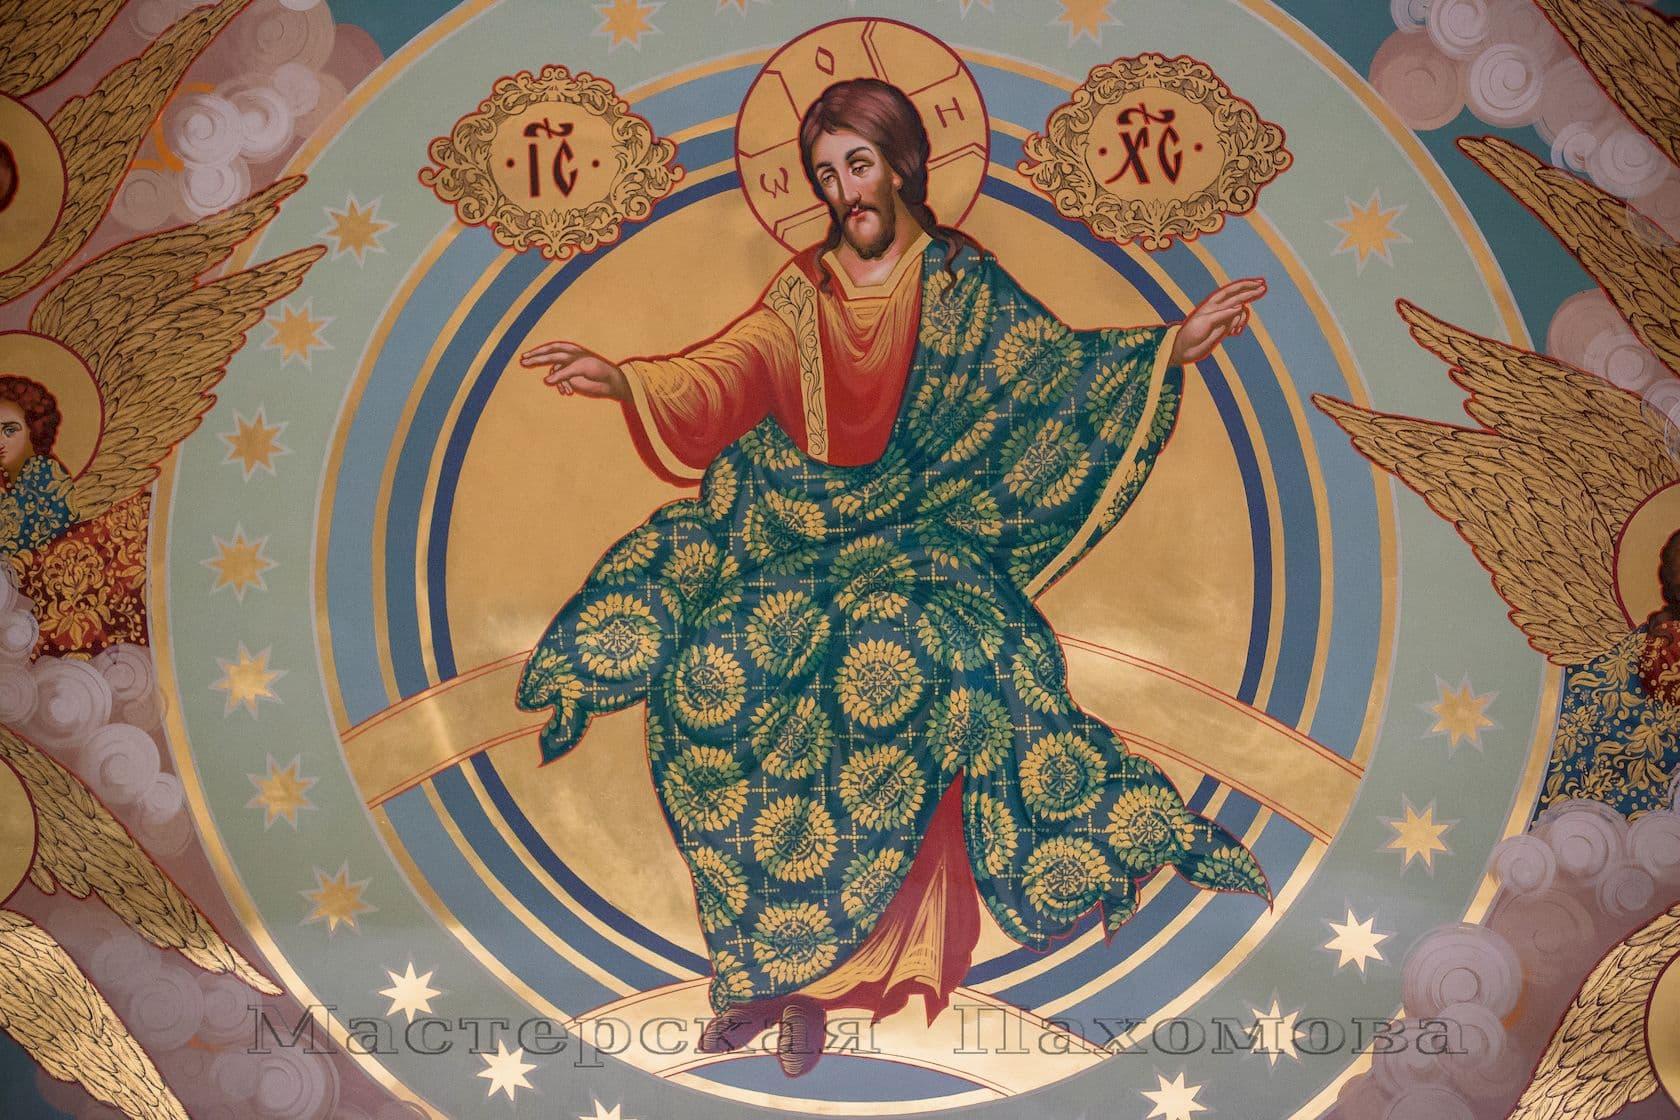 Вознесение Господне. Иконопись, стенопись на заказ